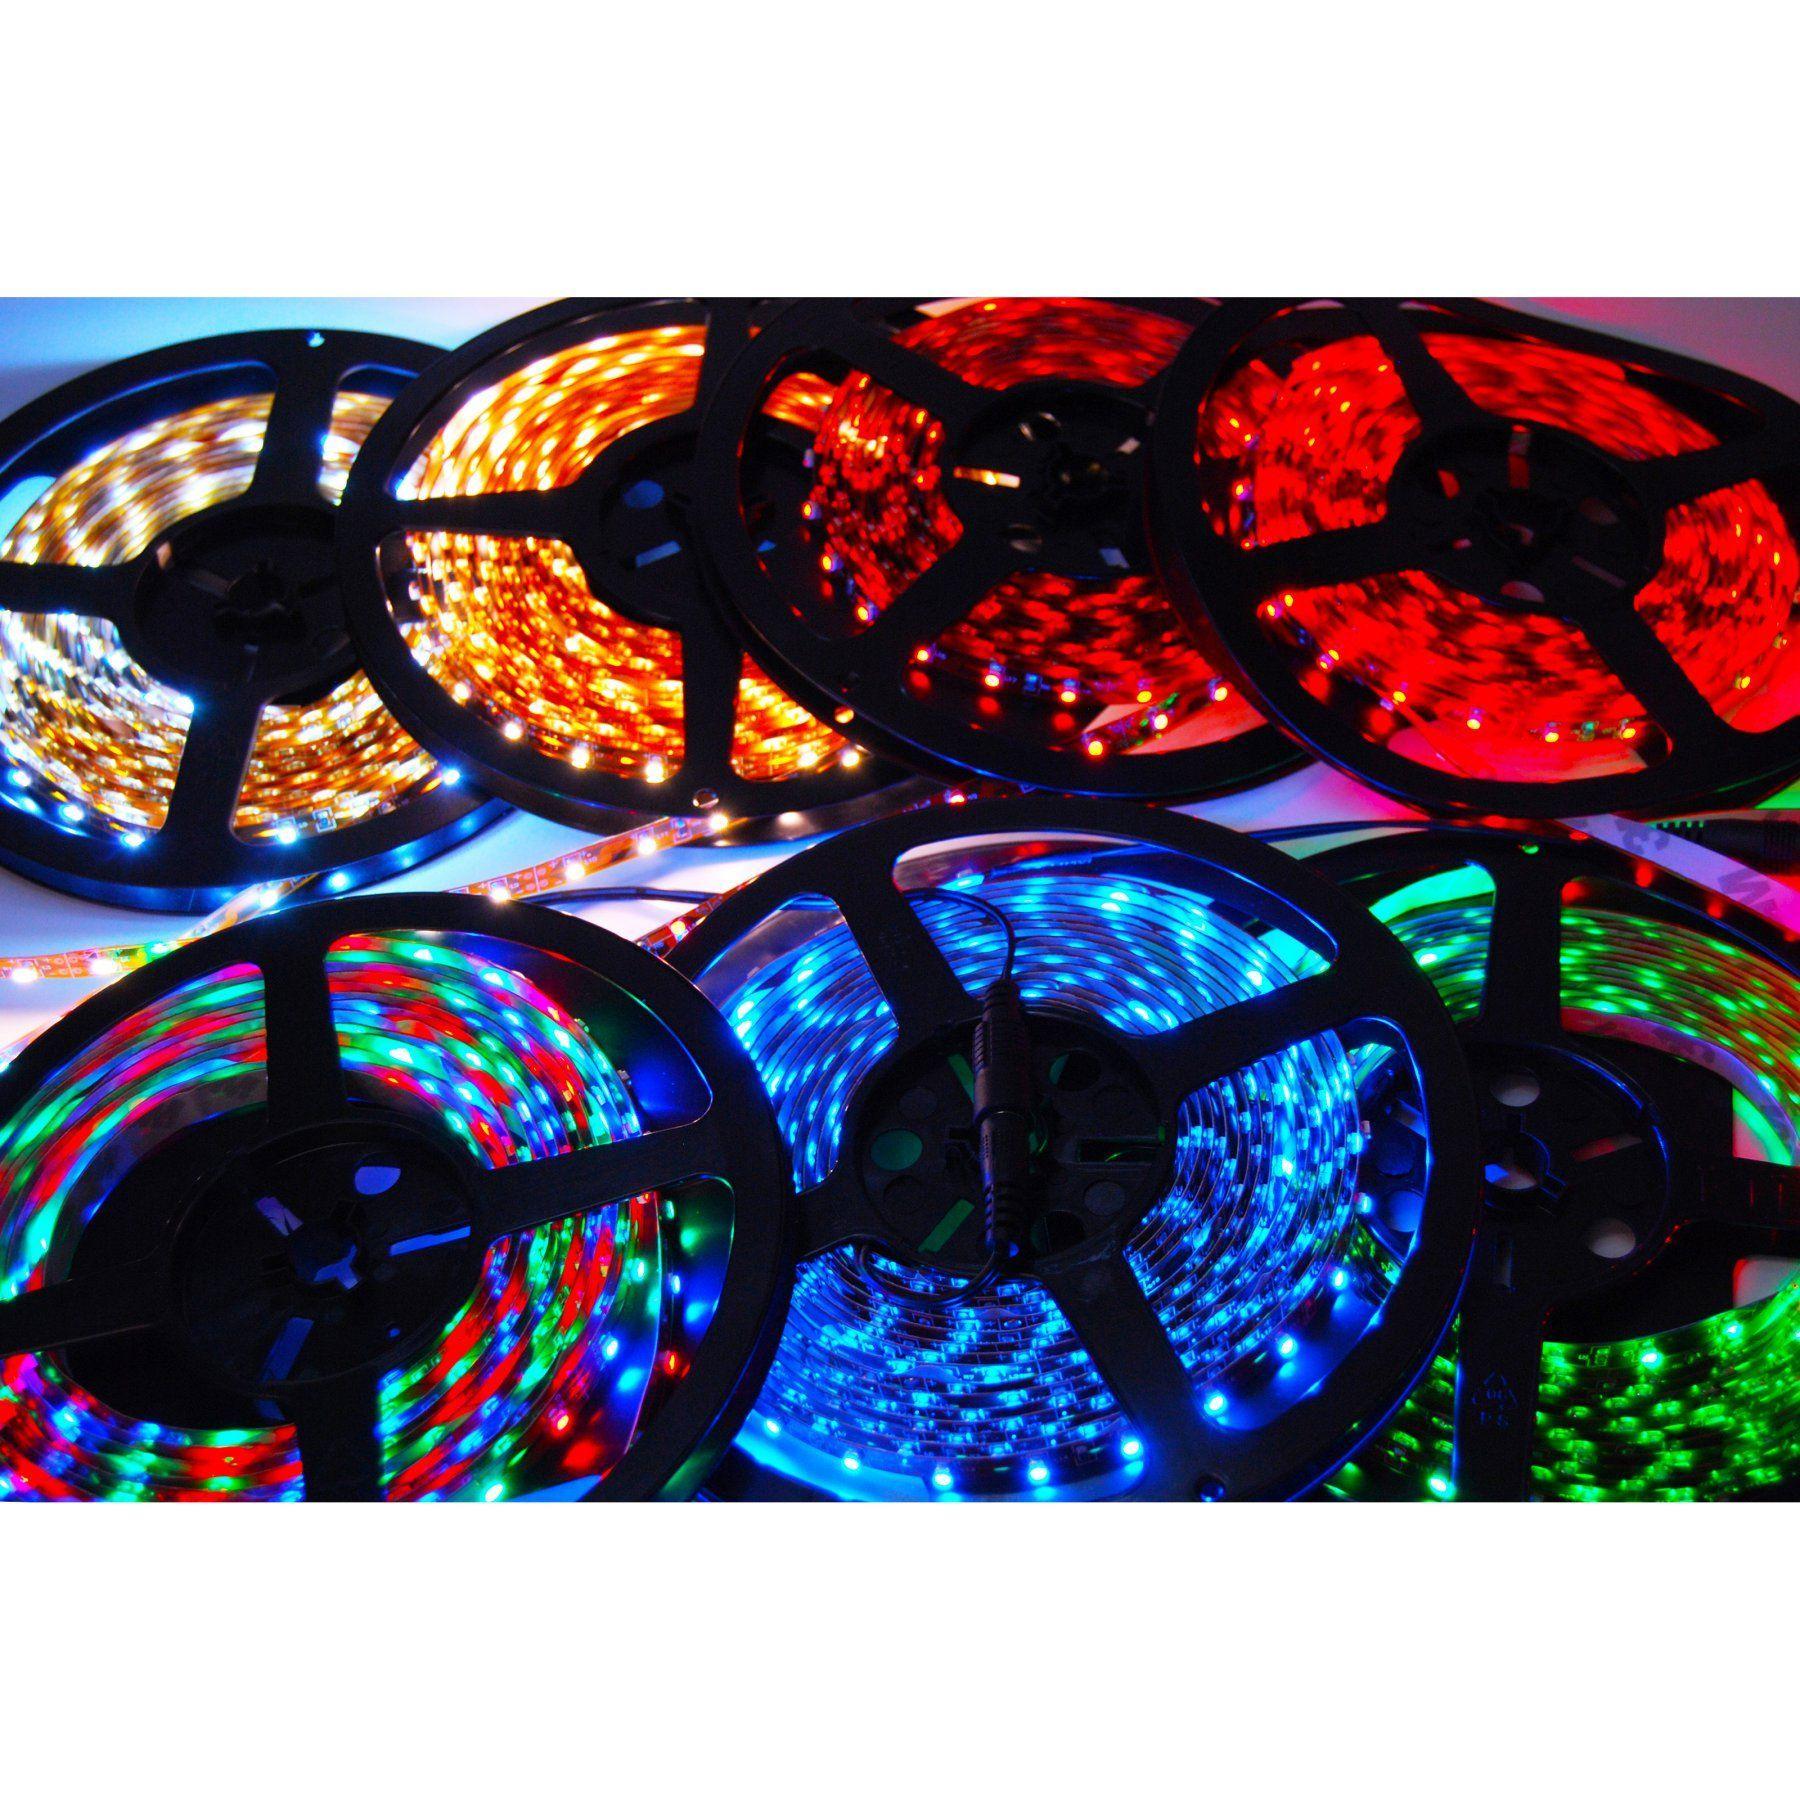 Italuce ITLED 3528 300 LED Strip Light - ITLED352812V300R